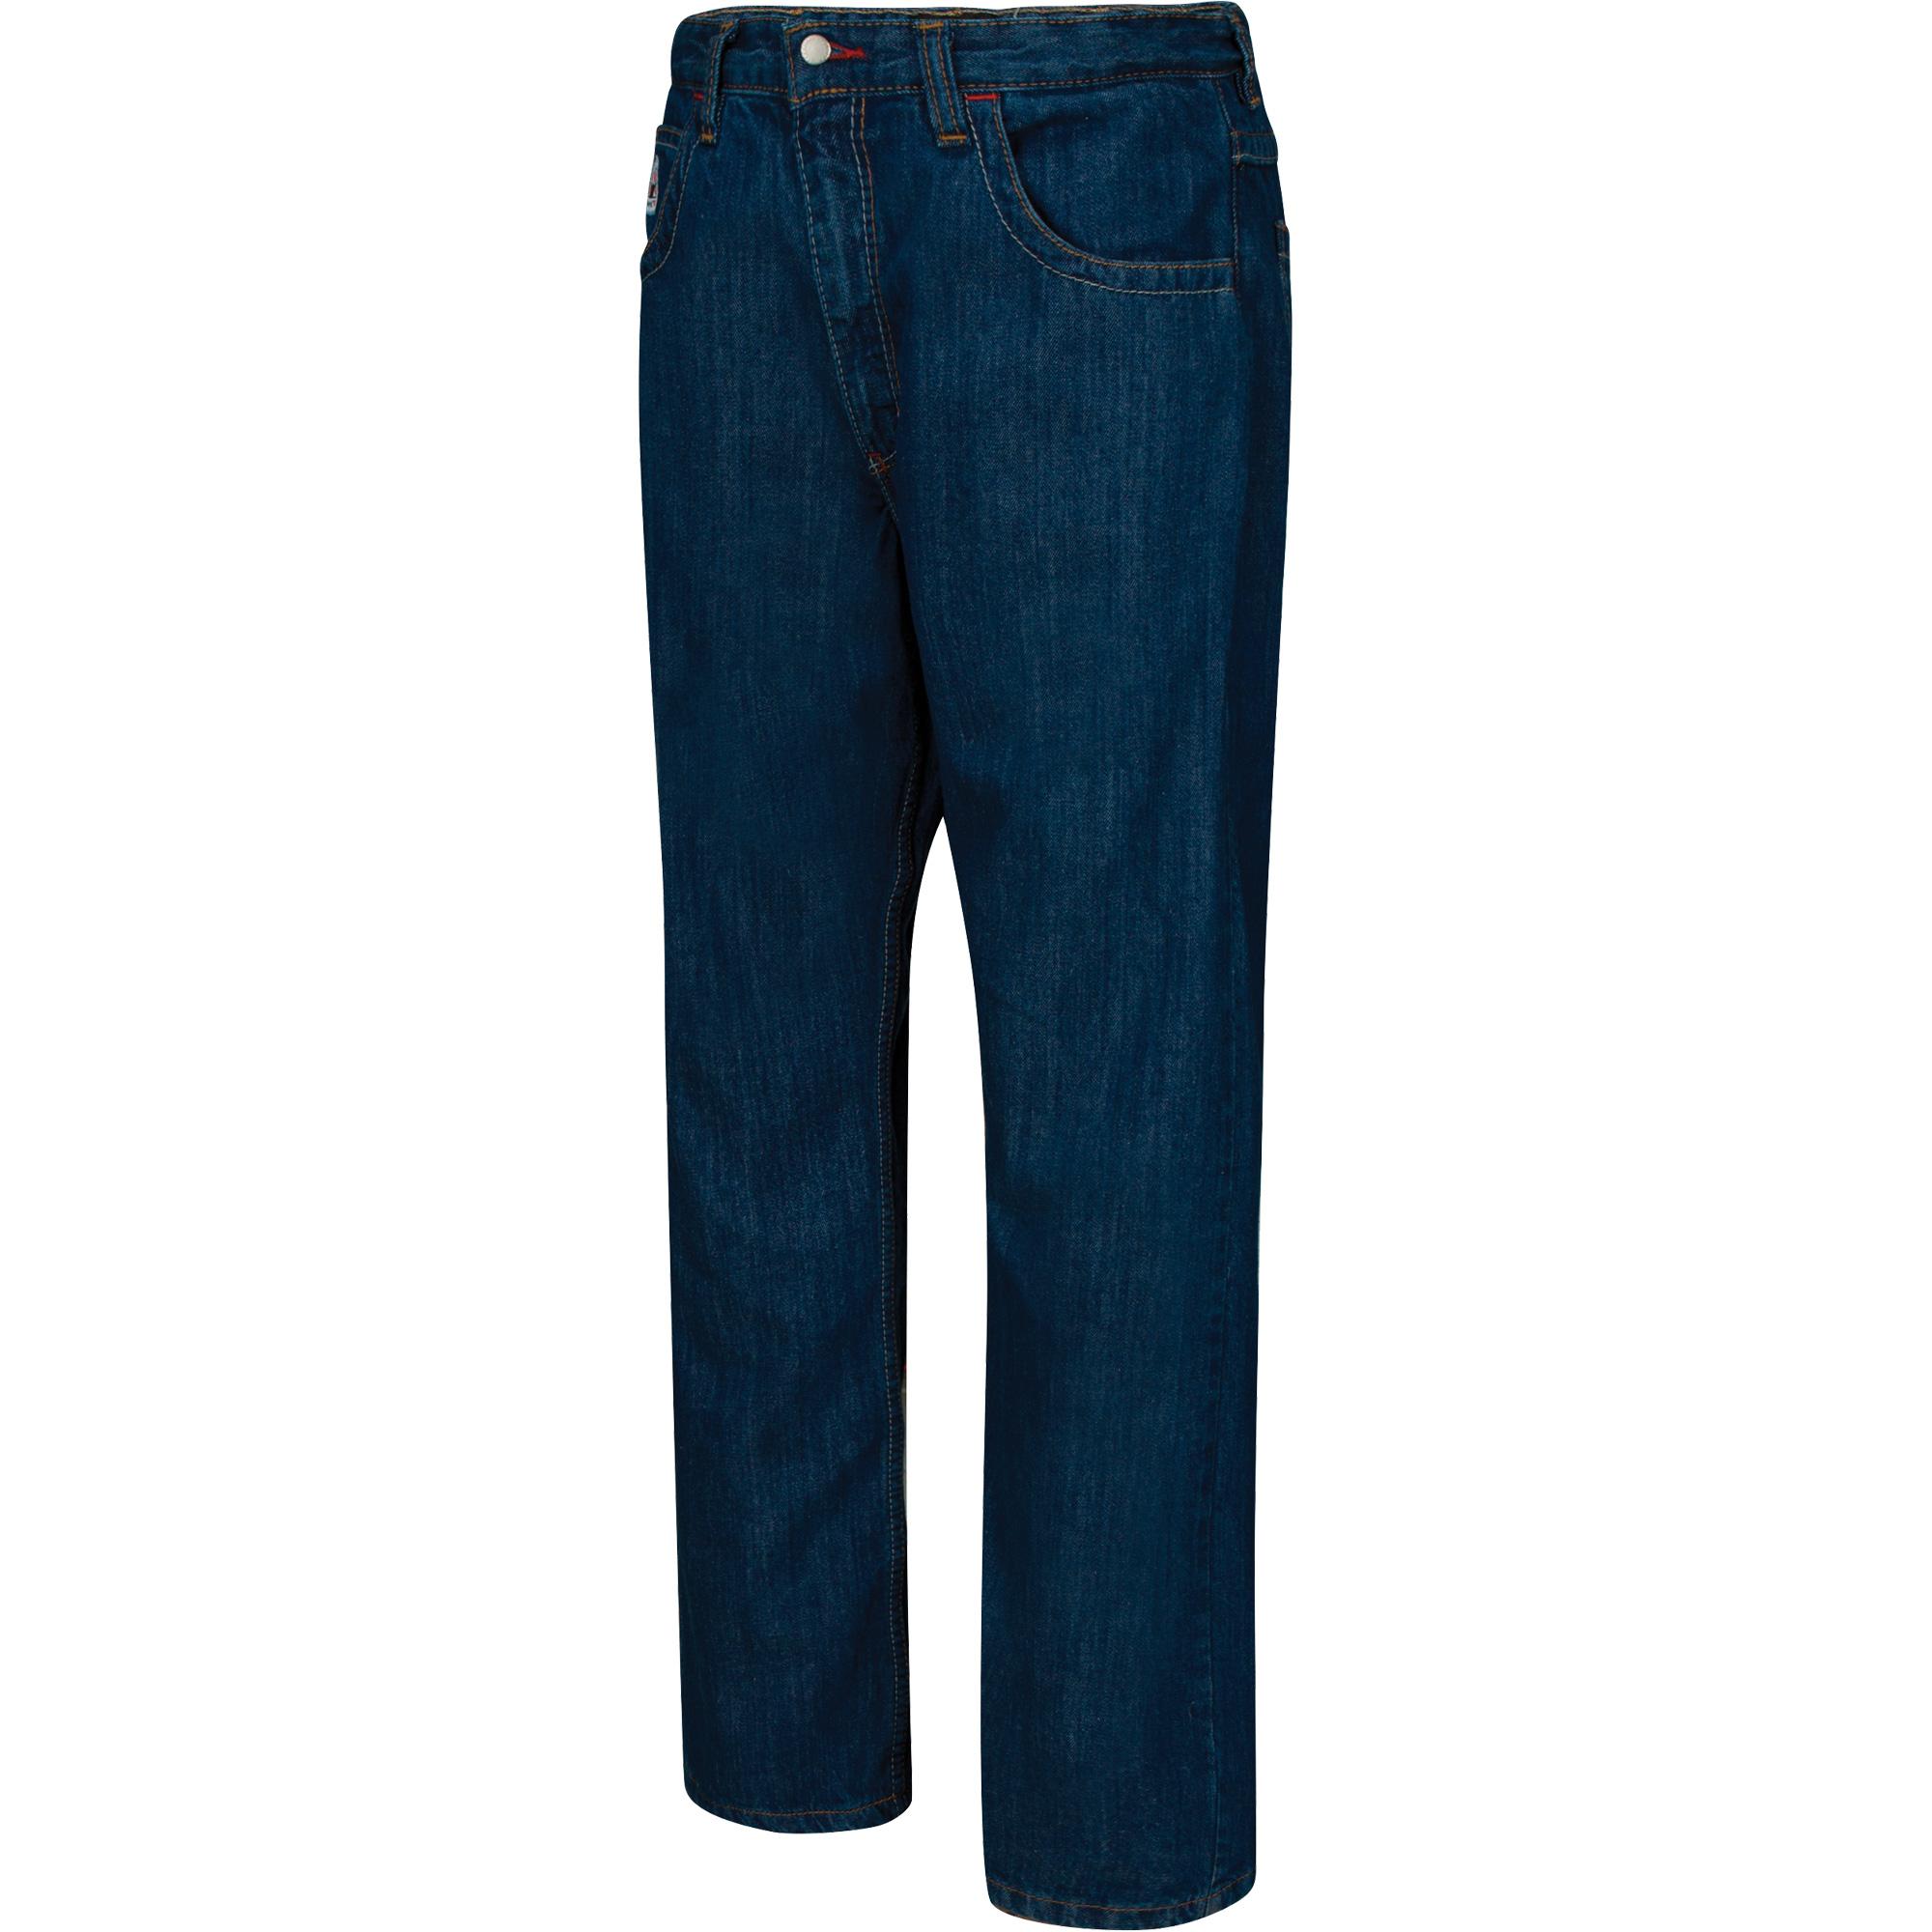 Bulwark 31 X 37 Blue Denim Cotton Flame Resistant Denim Jeans With Button Closure